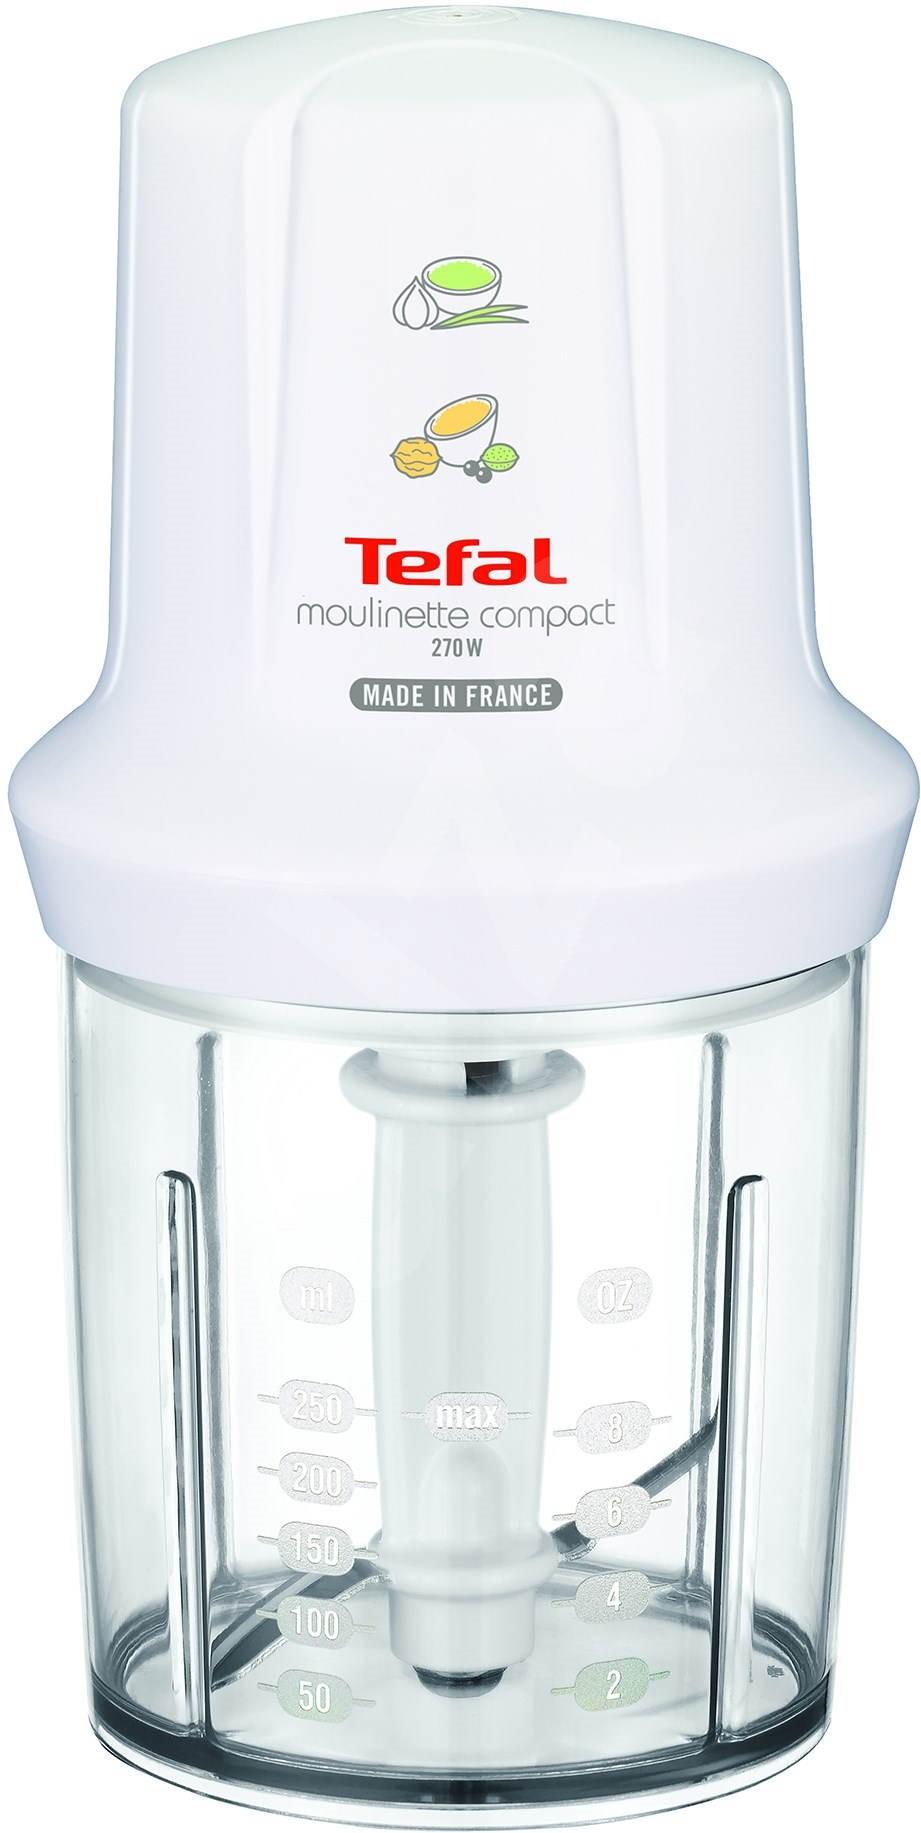 Tefal moulinette compact mb300138 chopper for Moulinette cuisine